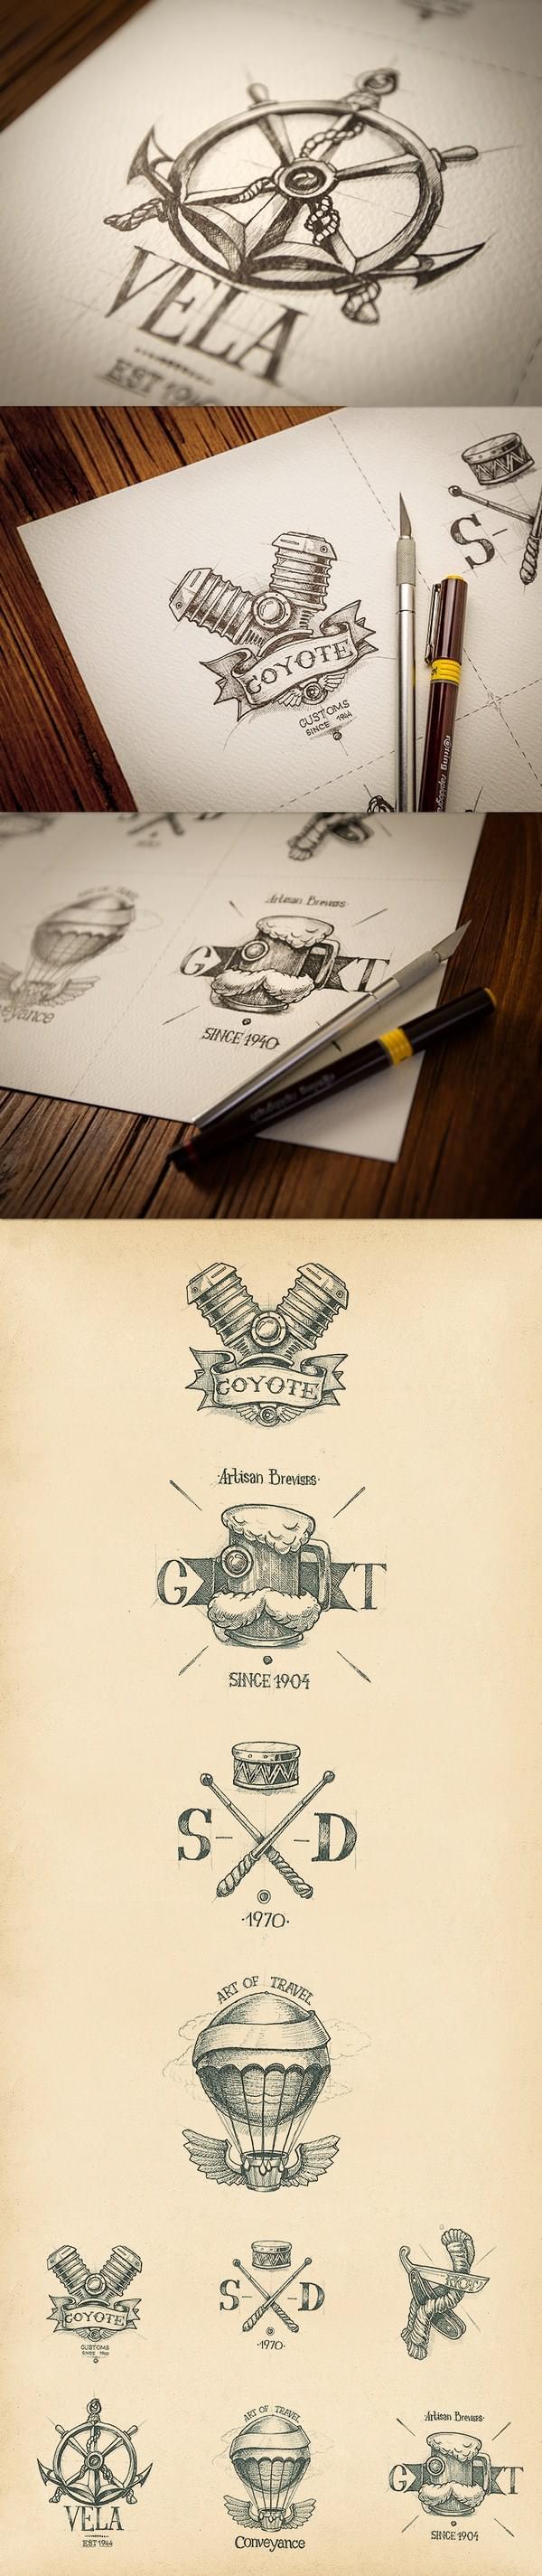 Logo Design Inspiration 01